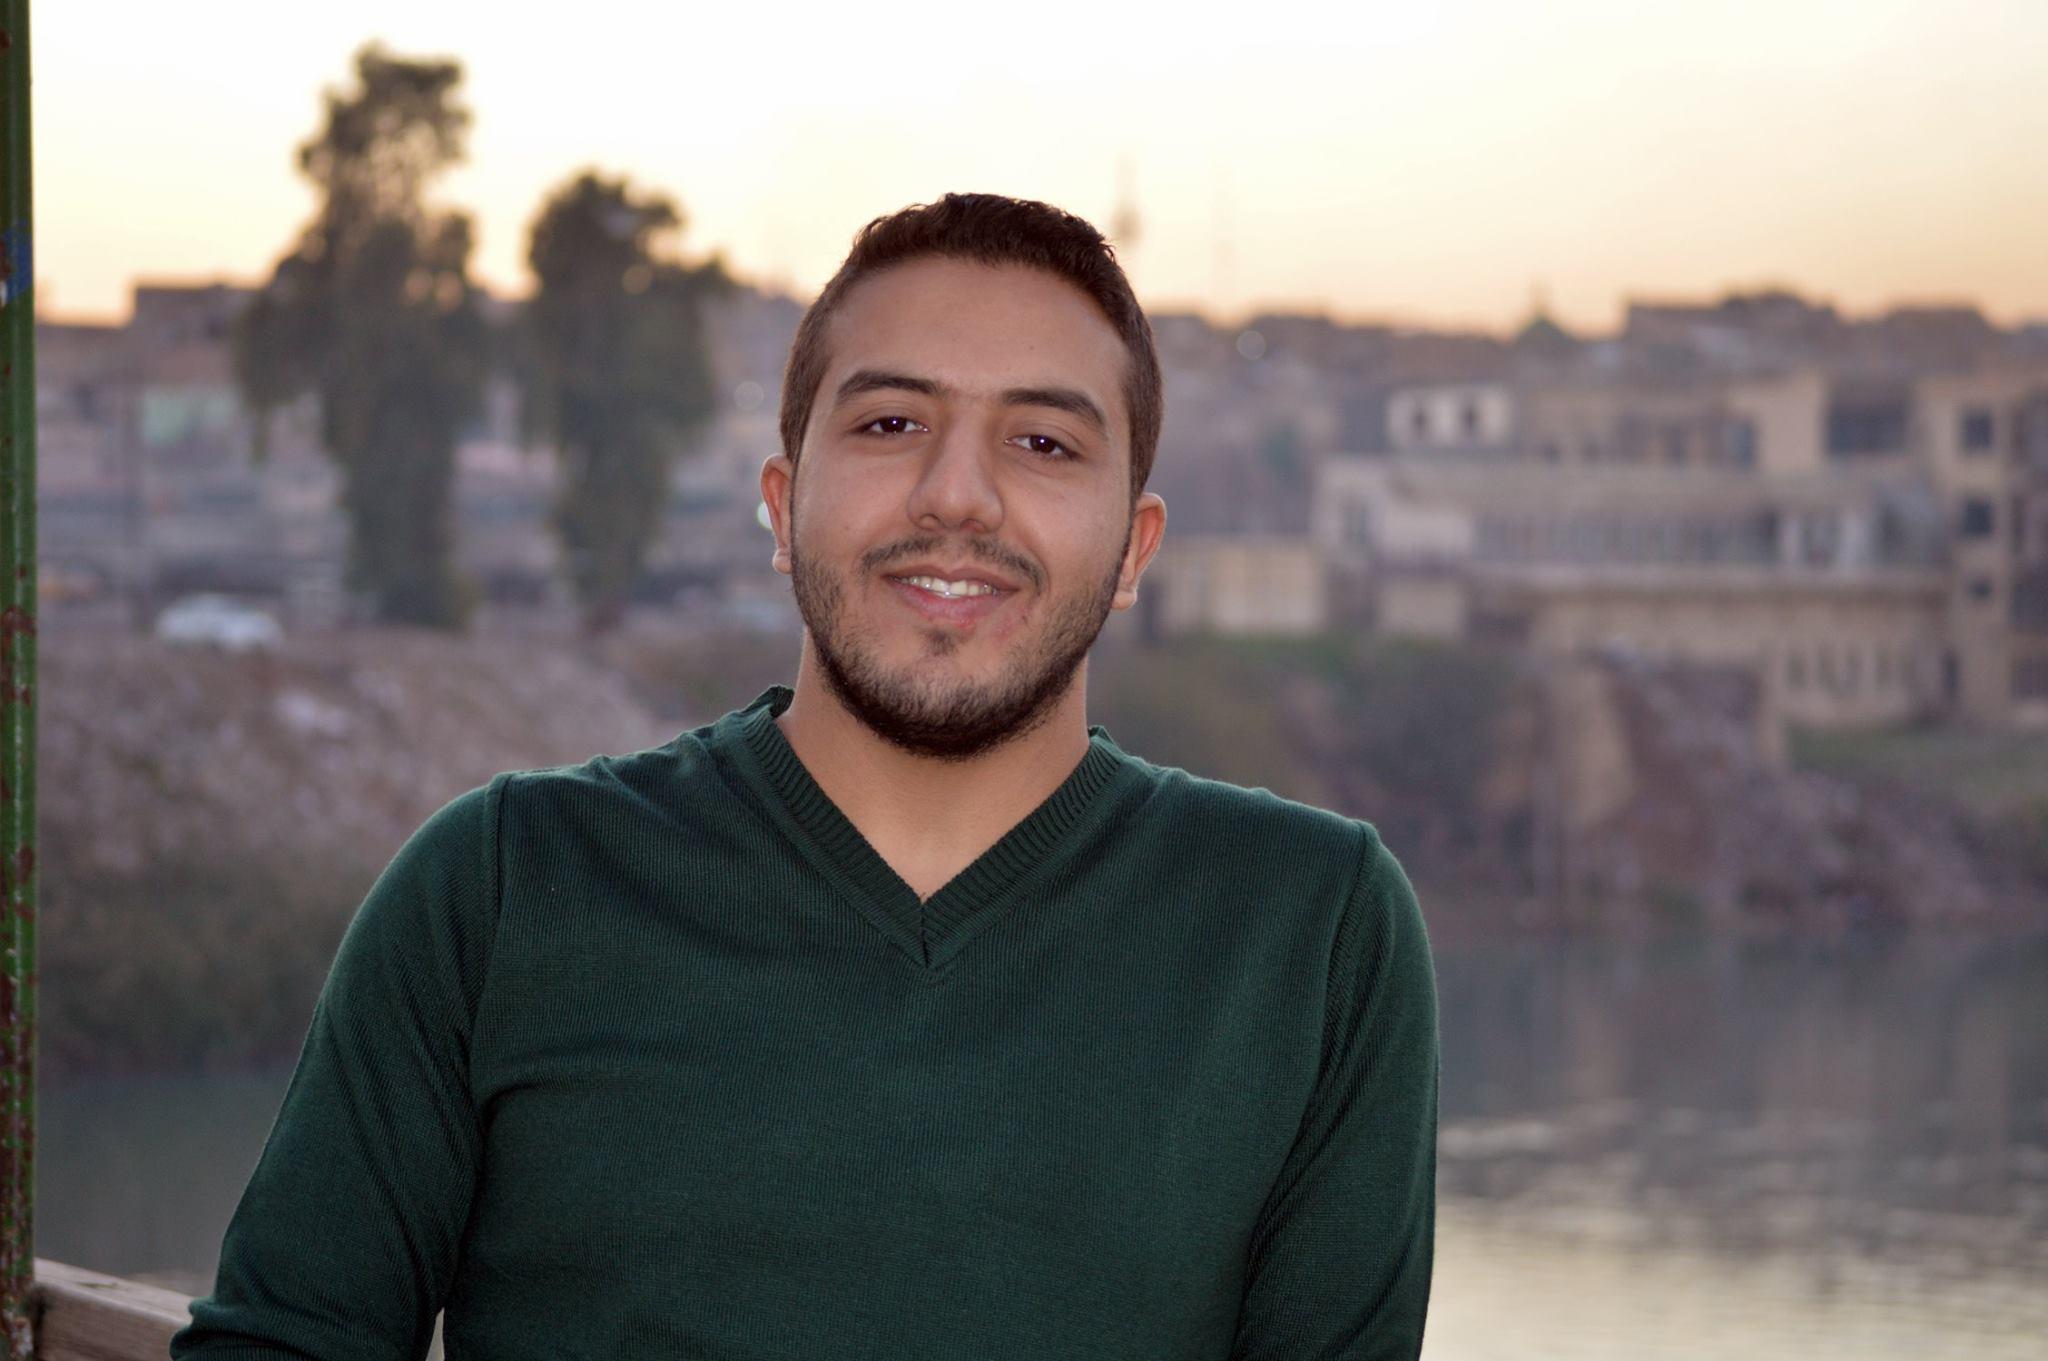 Sayf Asaad Saeed